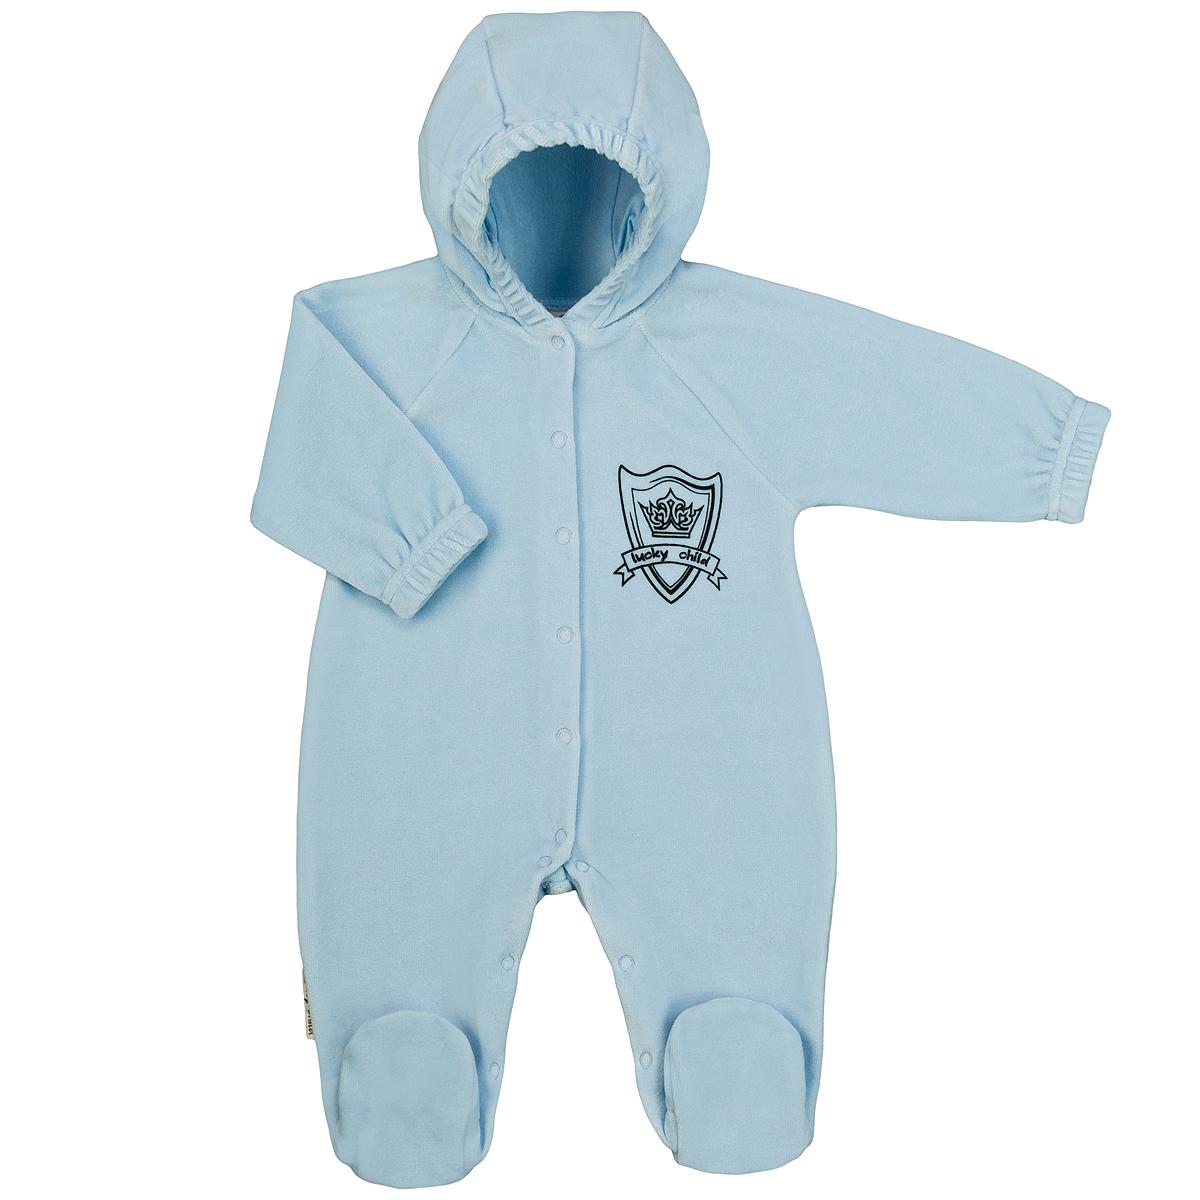 Комбинезон для мальчика Lucky Child, цвет: голубой. 3-21. Размер 80/863-21Детский комбинезон с капюшоном для мальчика Lucky Child - очень удобный и практичный вид одежды для малышей. Комбинезон выполнен из велюра, благодаря чему он необычайно мягкий и приятный на ощупь, не раздражают нежную кожу ребенка и хорошо вентилируются, а эластичные швы приятны телу малыша и не препятствуют его движениям. Комбинезон с длинными рукавами-реглан и закрытыми ножками имеет застежки-кнопки по центру от горловины до щиколоток, которые помогают легко переодеть младенца или сменить подгузник. На груди он оформлен оригинальным принтом в виде логотипа бренда. Рукава понизу дополнены неширокими эластичными манжетами, не перетягивающими запястья. С детским комбинезоном Lucky Child спинка и ножки вашего малыша всегда будут в тепле. Комбинезон полностью соответствует особенностям жизни младенца в ранний период, не стесняя и не ограничивая его в движениях!